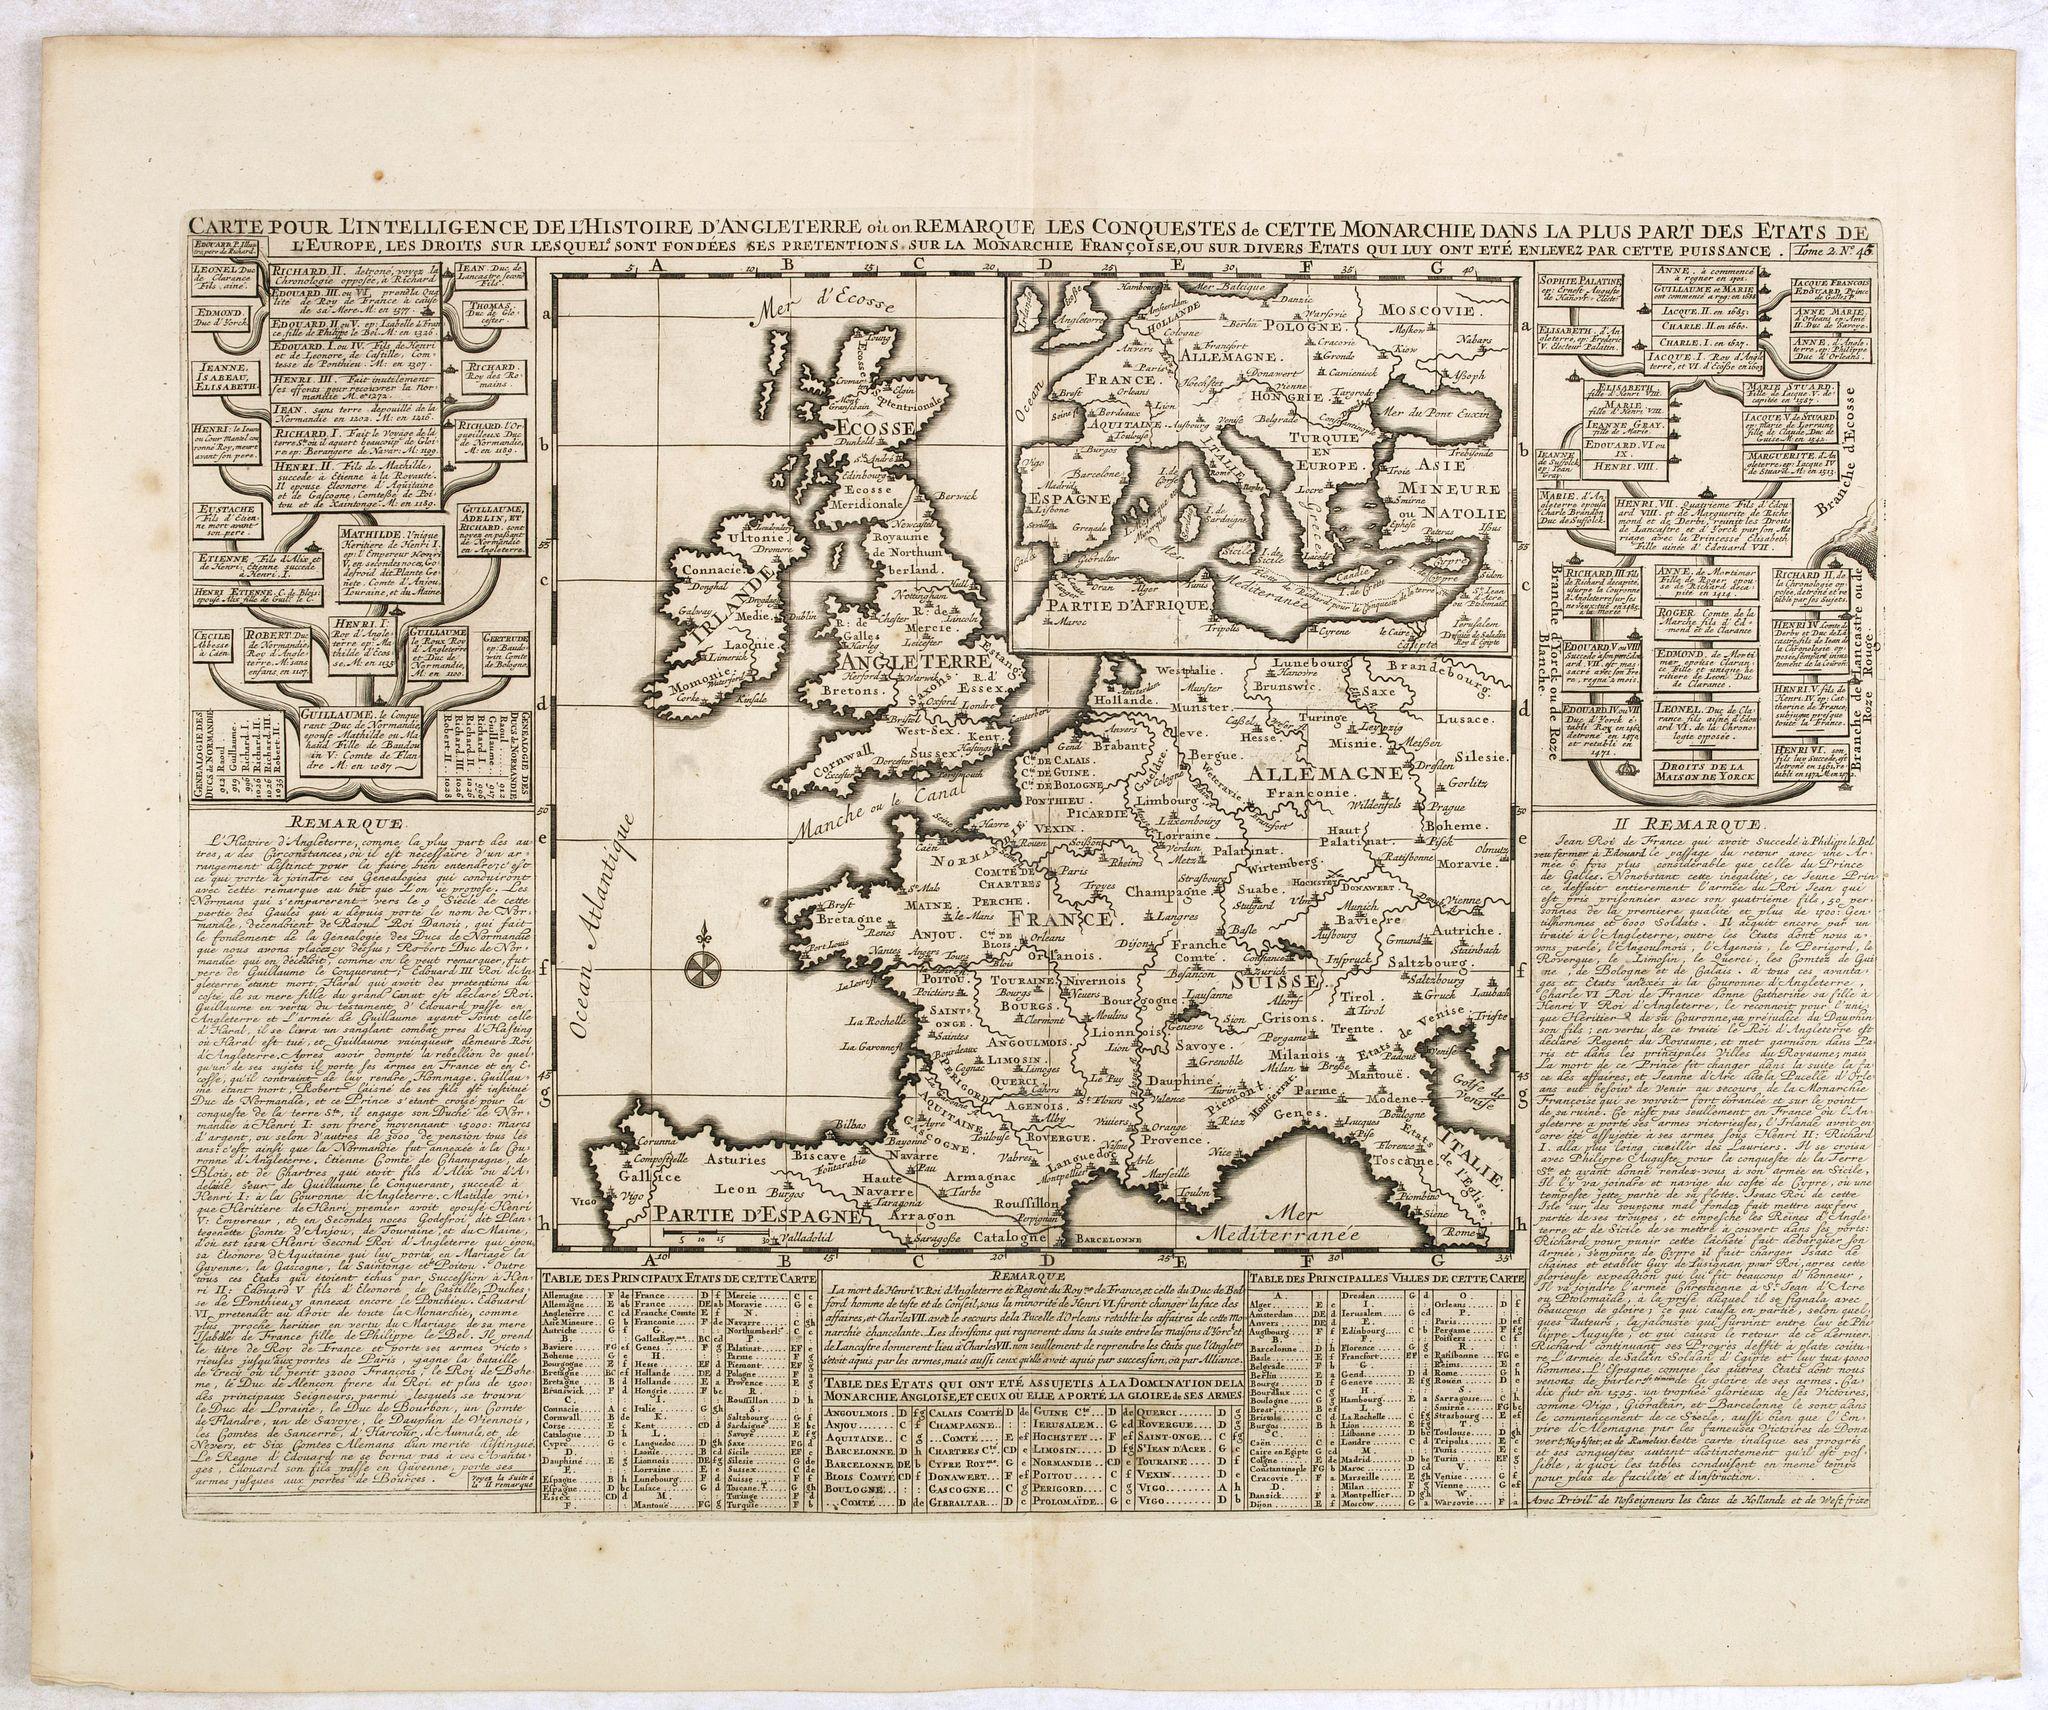 CHATELAIN, H. -  Carte pour l'itelligence de l'histoire dAngleterre  où on remarque les conquètes de cette monarchie dans la plupart des états de l'europe, les droits sur lesquels sont fondées ses prétentions sur la monarchie française ou sur divers états…